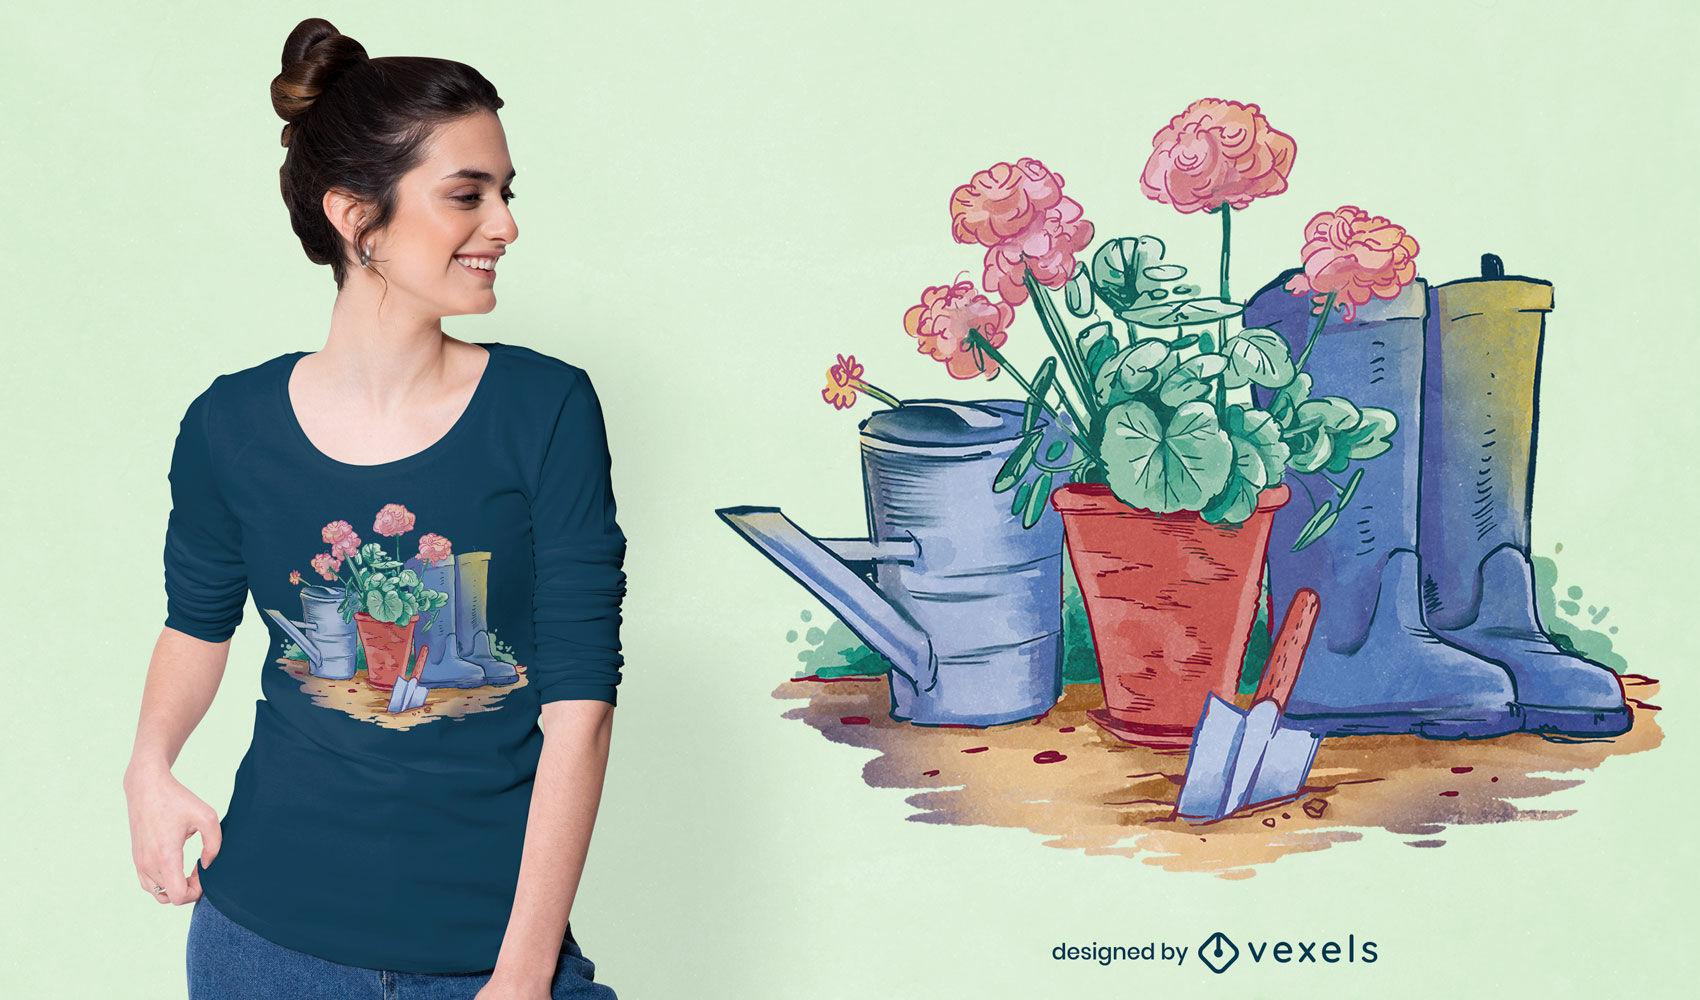 Diseño de camiseta psd de plantas y jardinería.